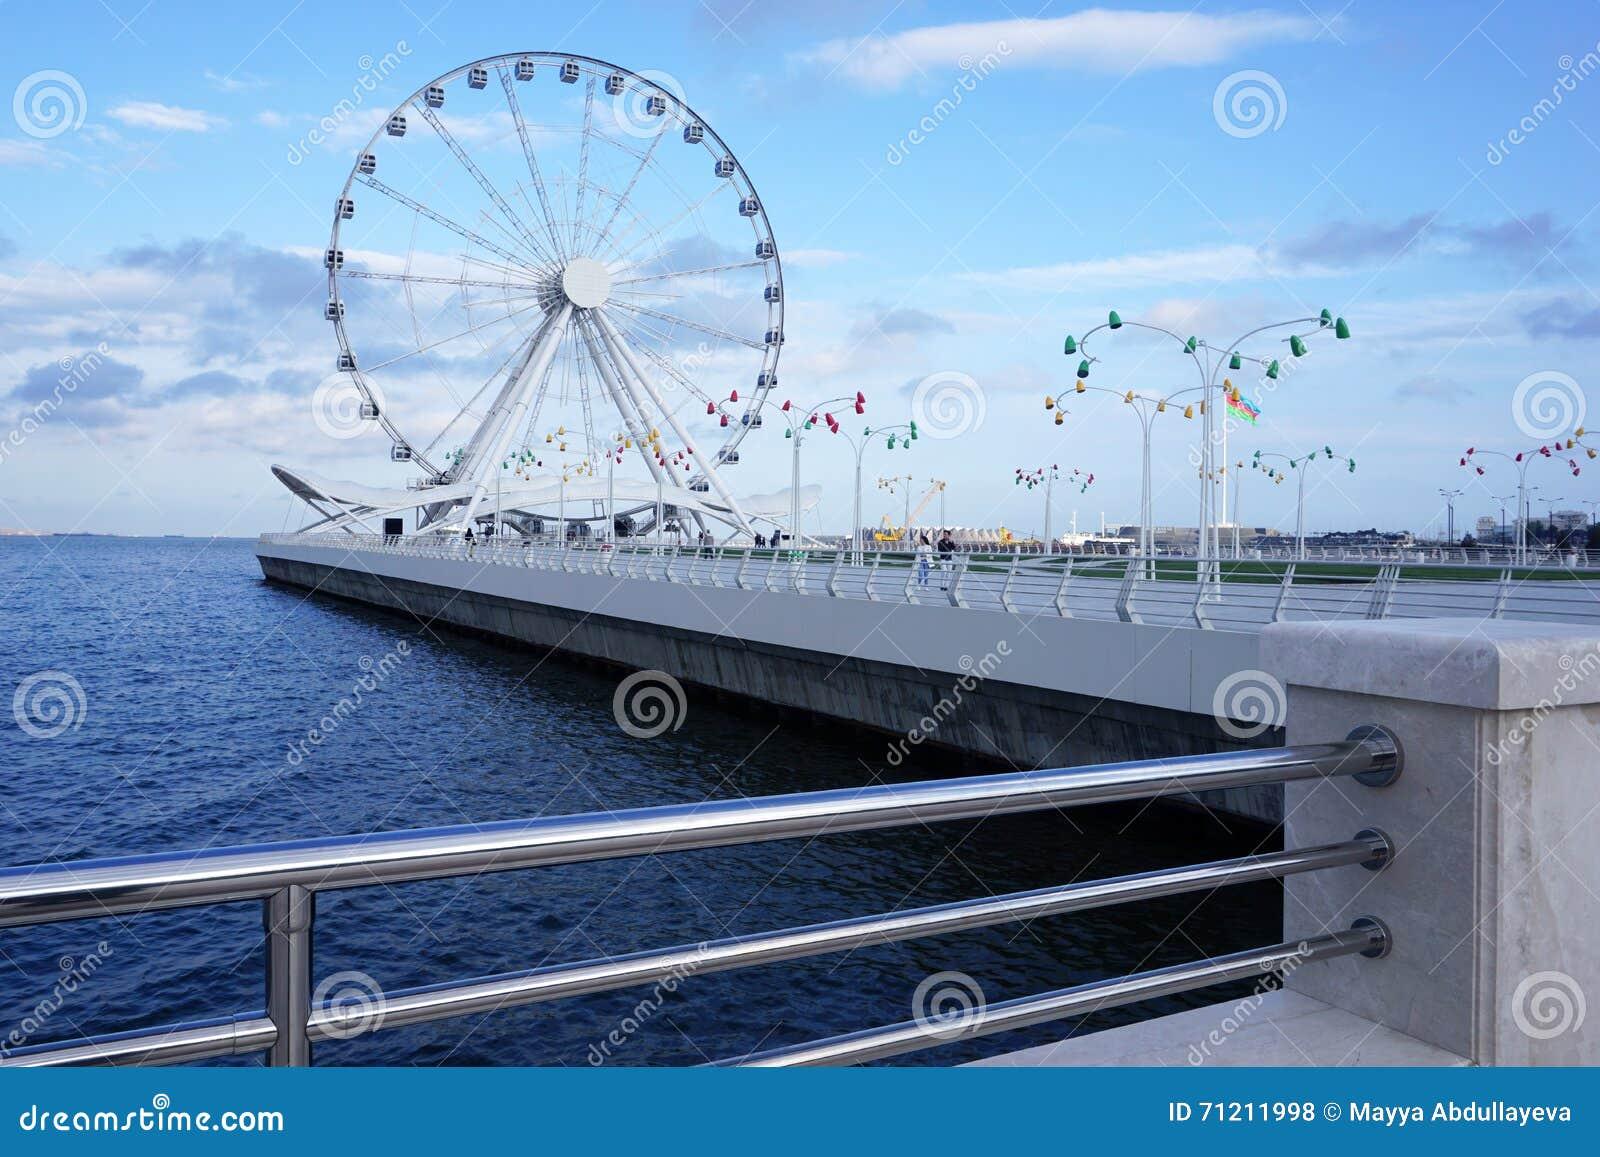 Ferris wheel near the Caspian sea